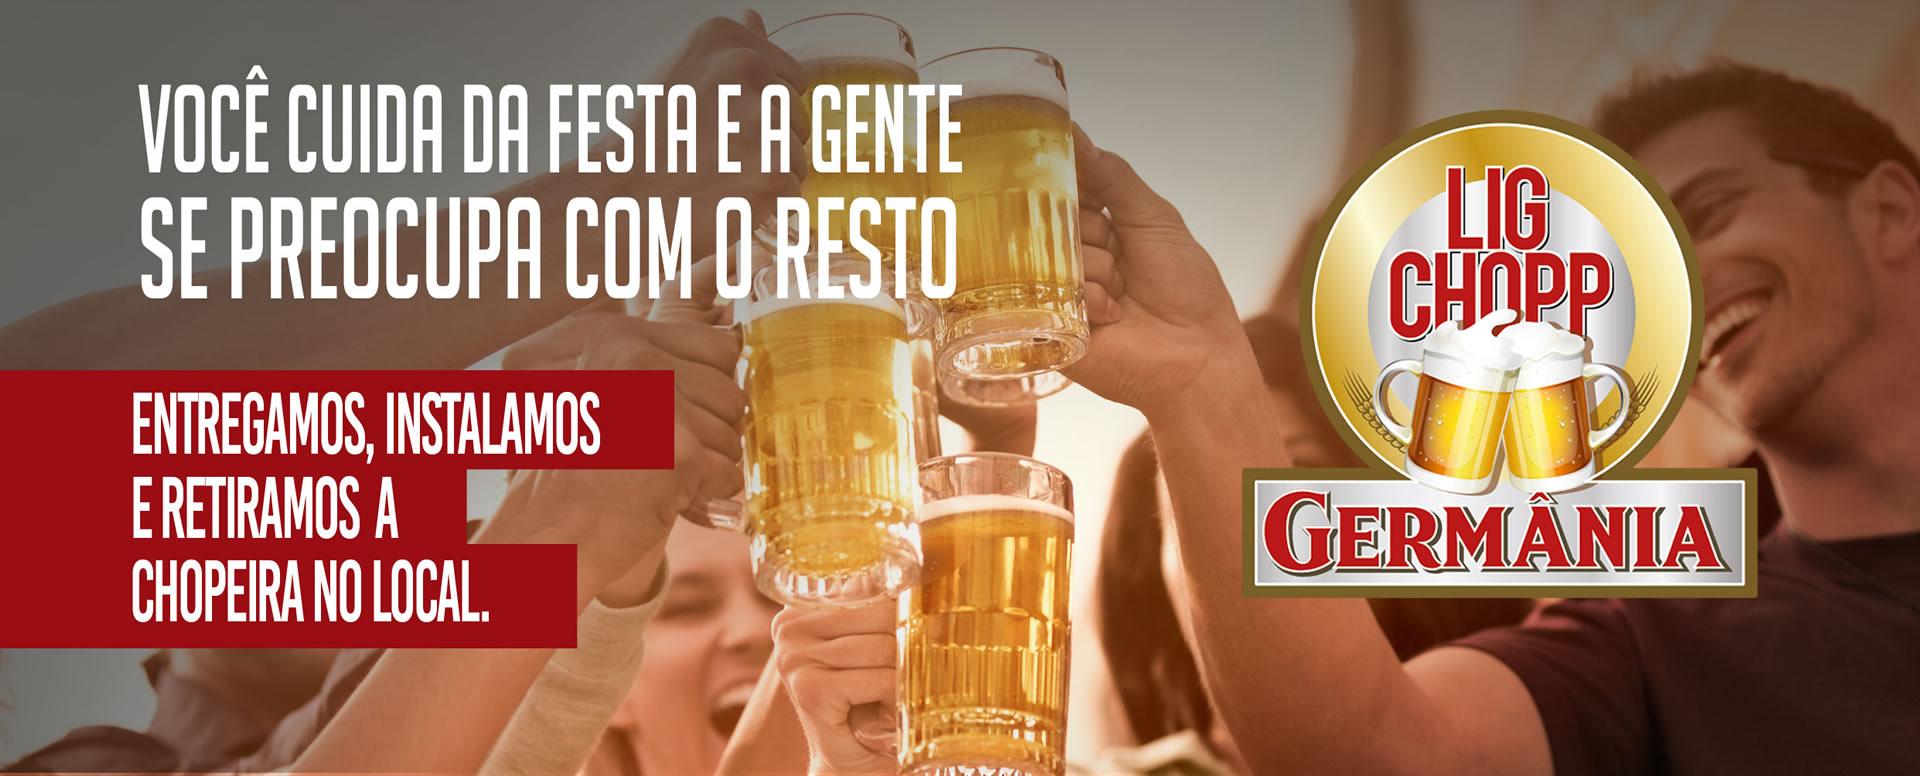 Promoção de Chopp, Promoção de Cerveja Copa do Mundo